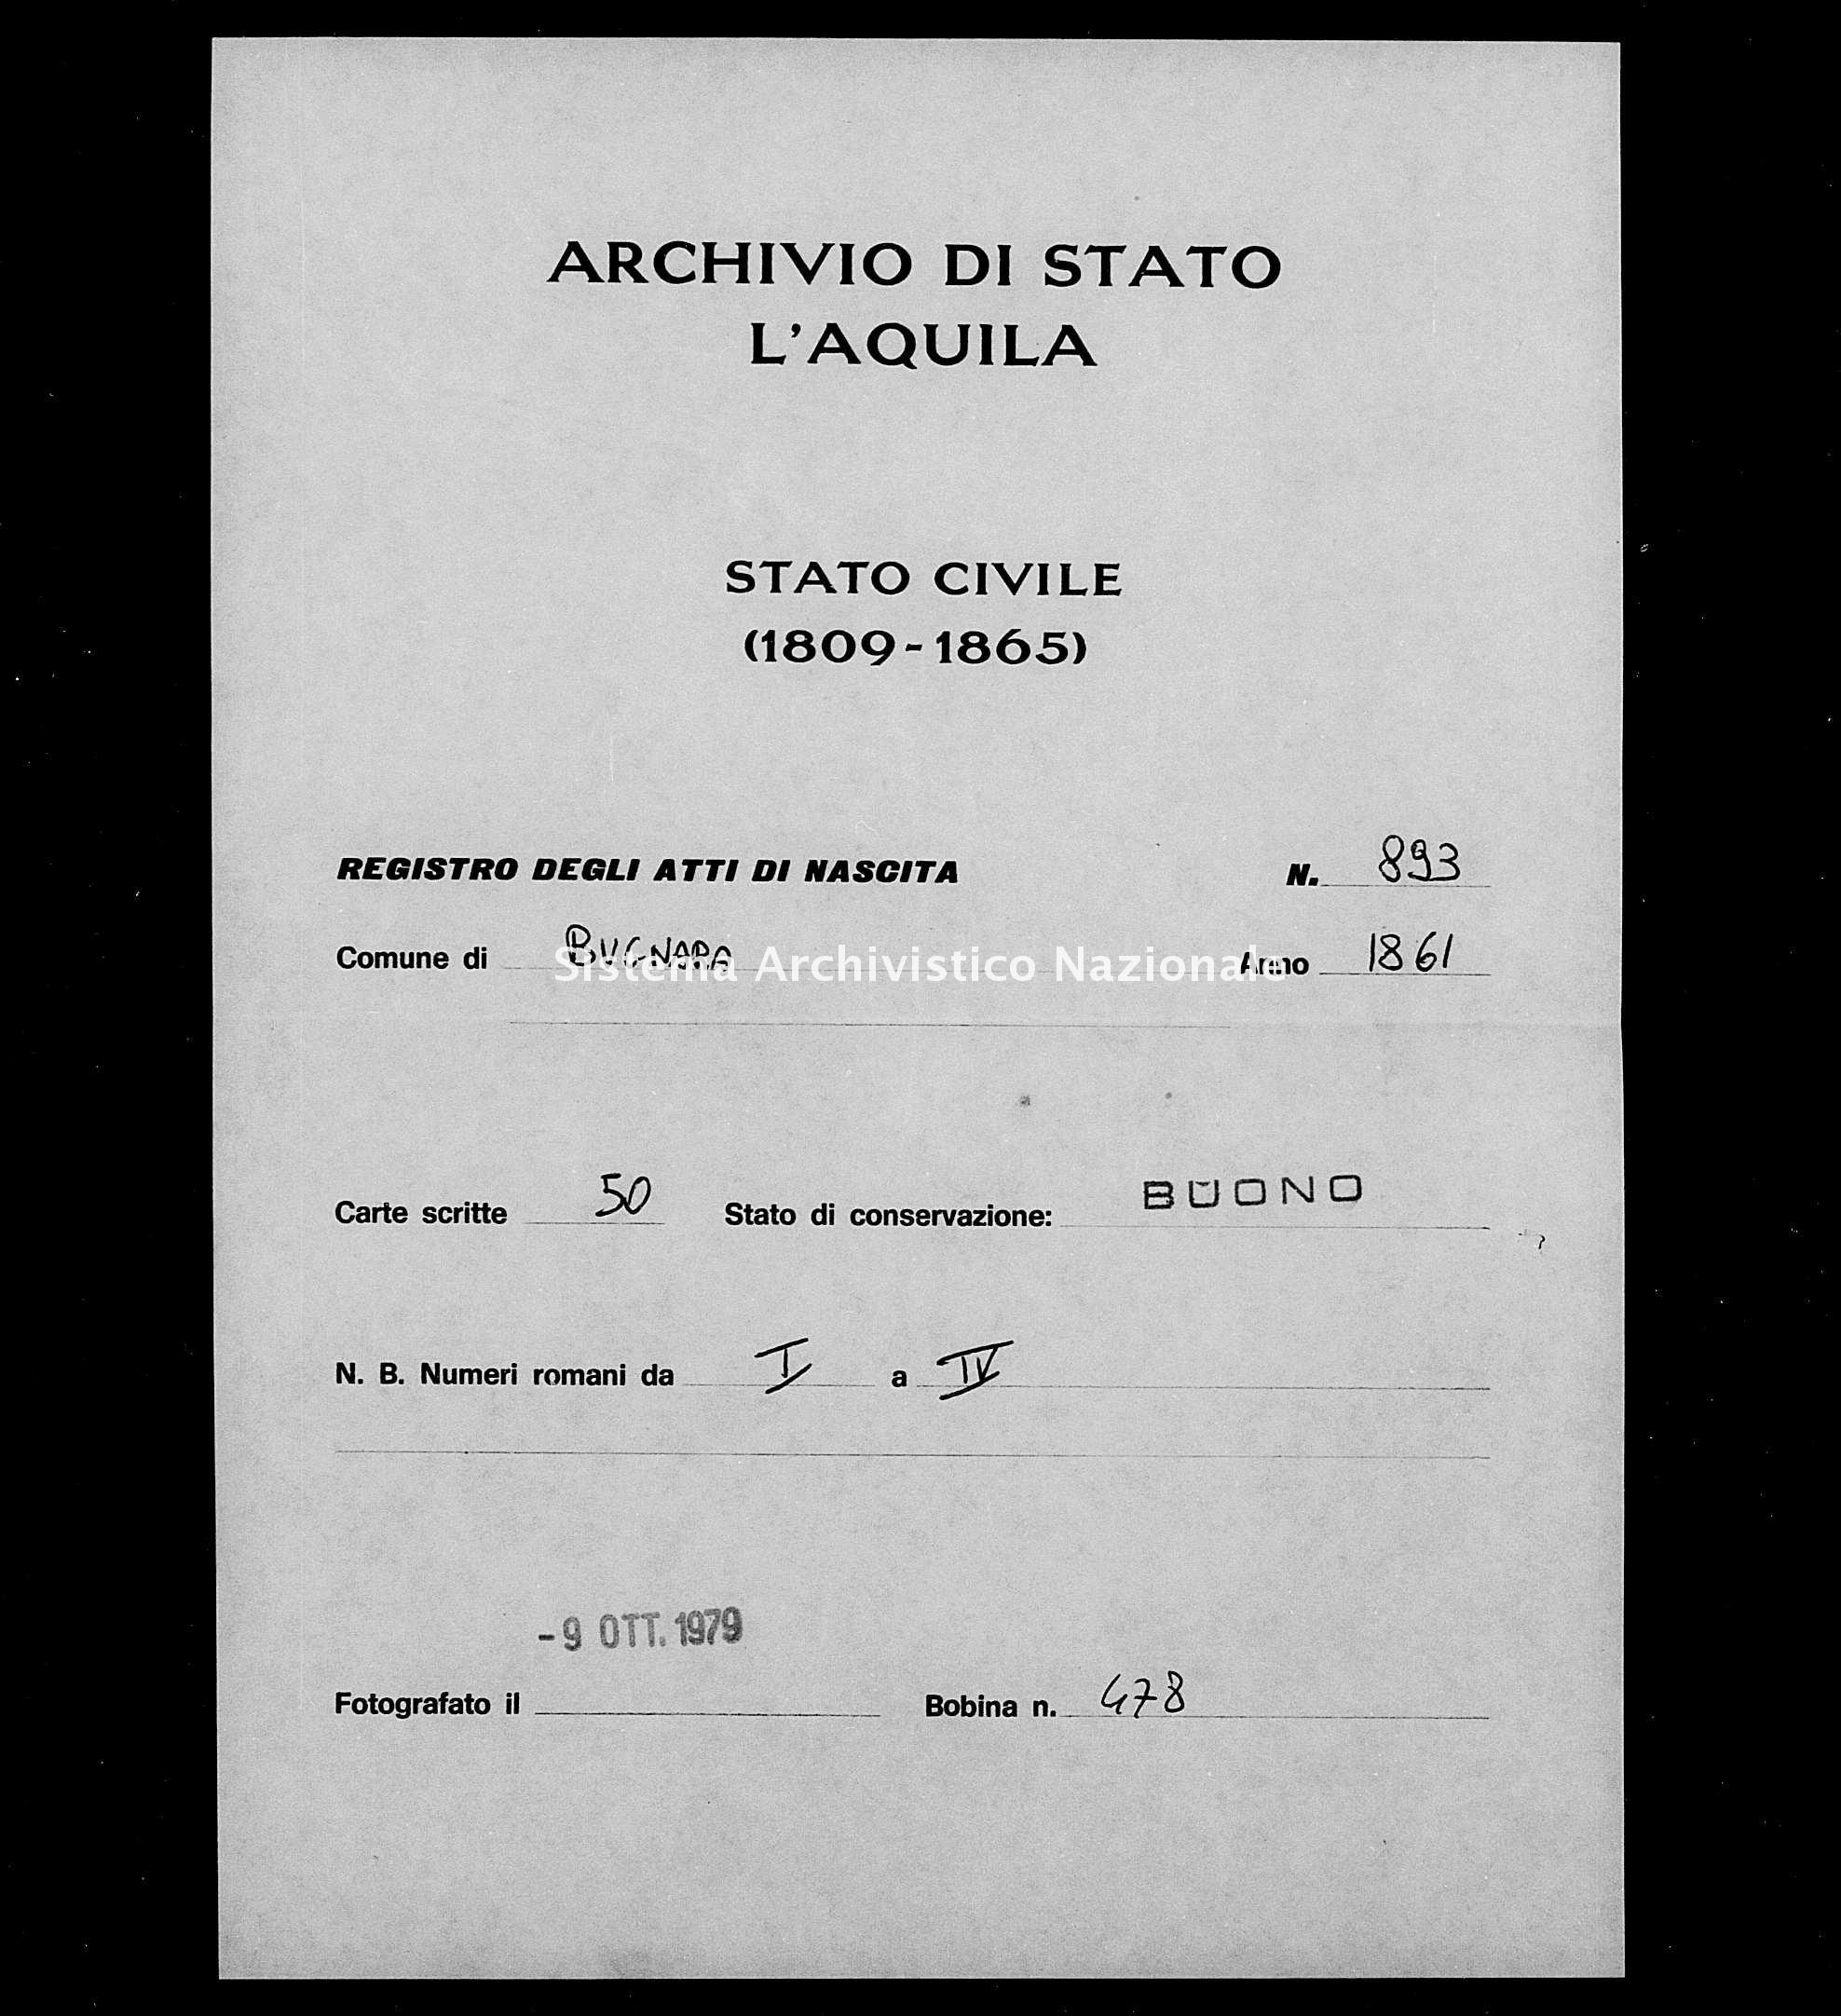 Archivio di stato di L'aquila - Stato civile italiano - Bugnara - Nati - 1861 - 893 -